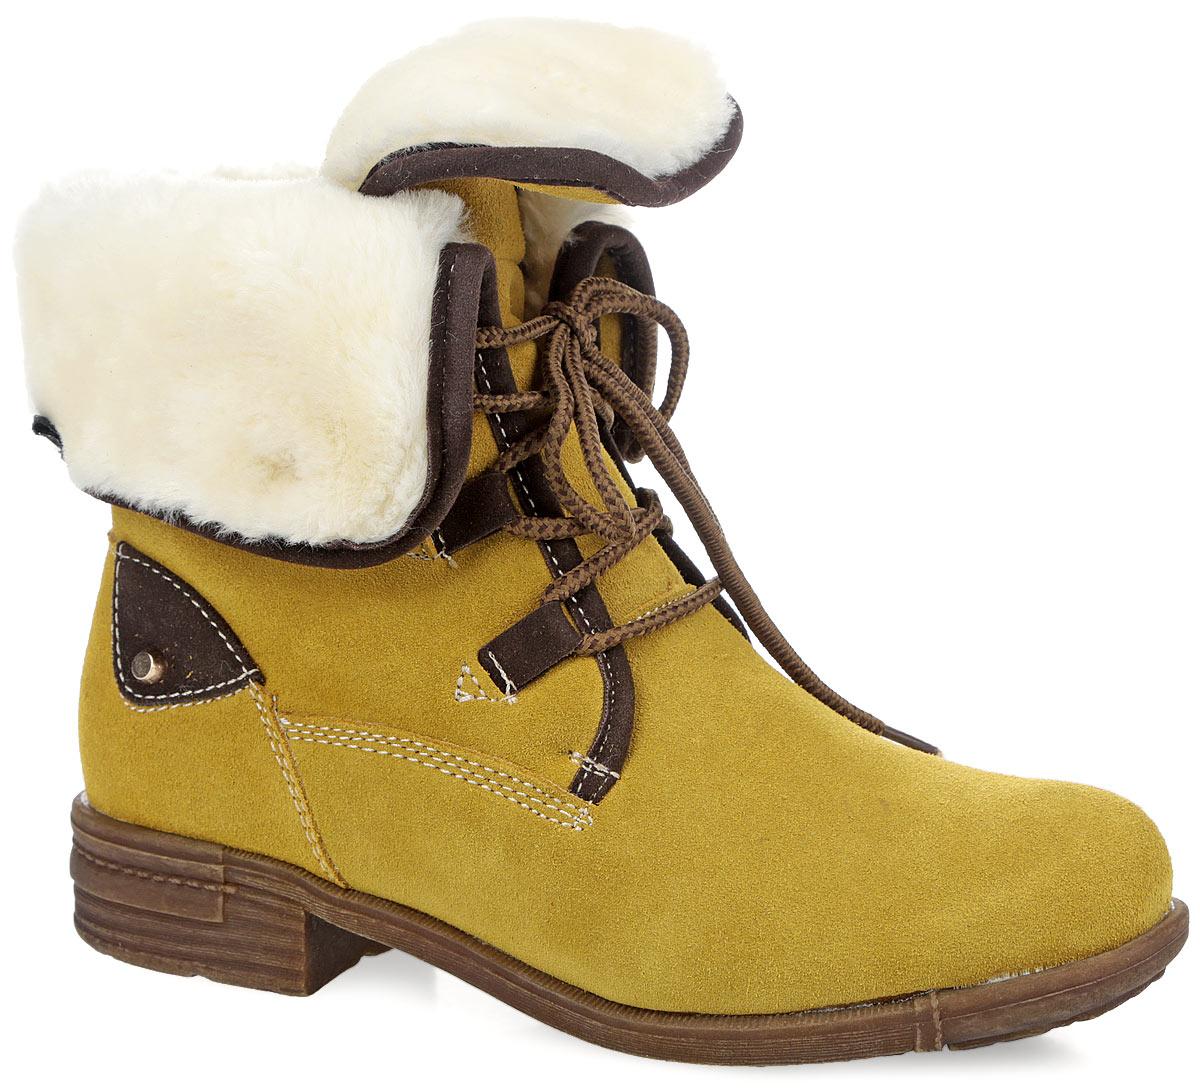 Ботинки женские. 187-05187-05Стильные женские ботинки от Vigorous покорят вас своим удобством. Модель выполнена из натурального спилока. Верх изделия дополнен меховыми отворотами на кнопках. Шнуровка надежно фиксирует модель на ноге. Подкладка и стелька из искусственной шерсти сохранят ваши ноги в тепле. Каблук и подошва с рельефным протектором обеспечивает отличное сцепление на любой поверхности. В таких ботинках вашим ногам будет комфортно и уютно. Они подчеркнут ваш стиль и индивидуальность.